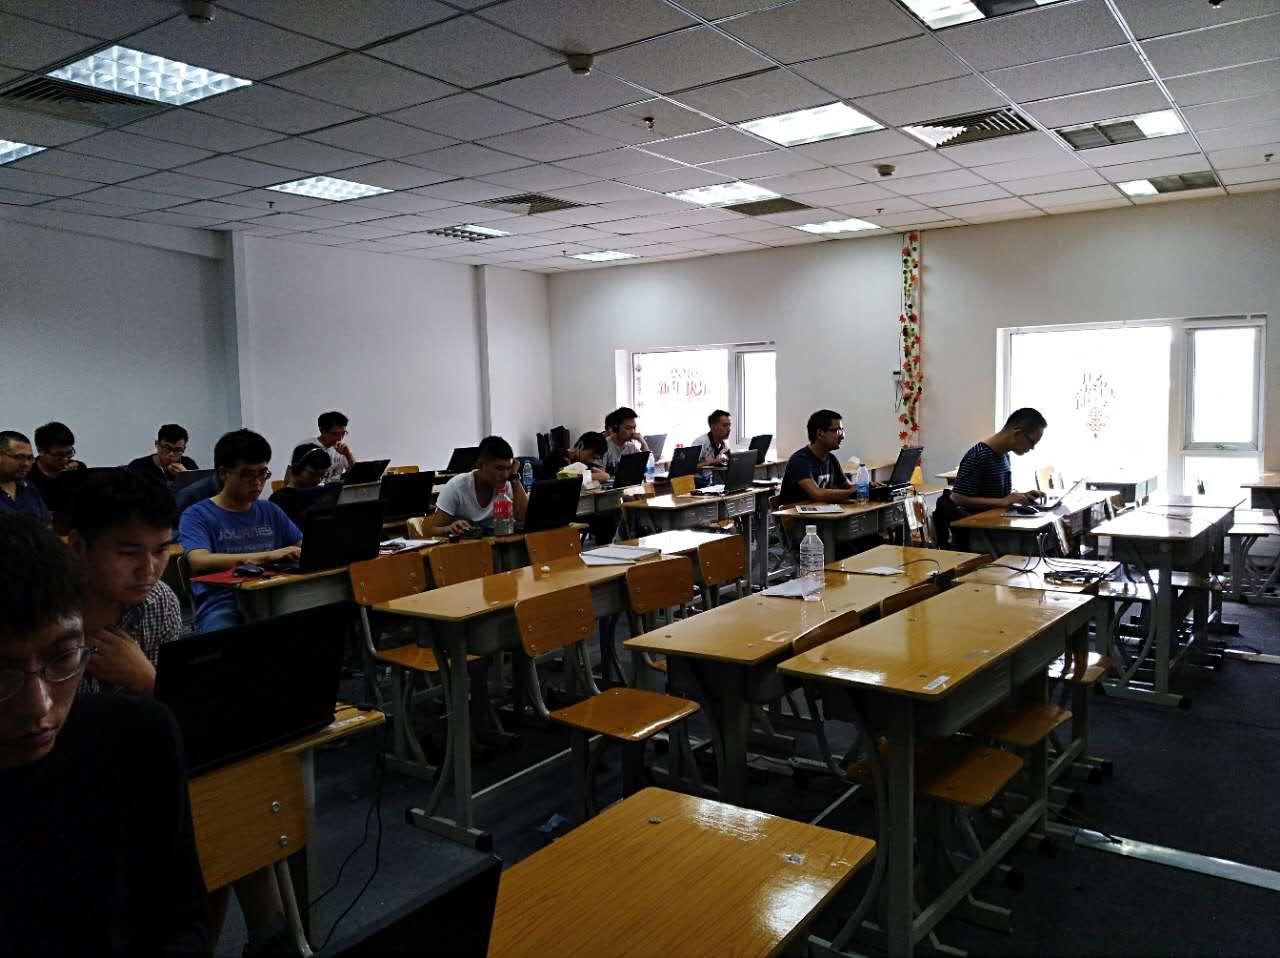 【报名中】30期Linux云计算面授班-2018.03.26